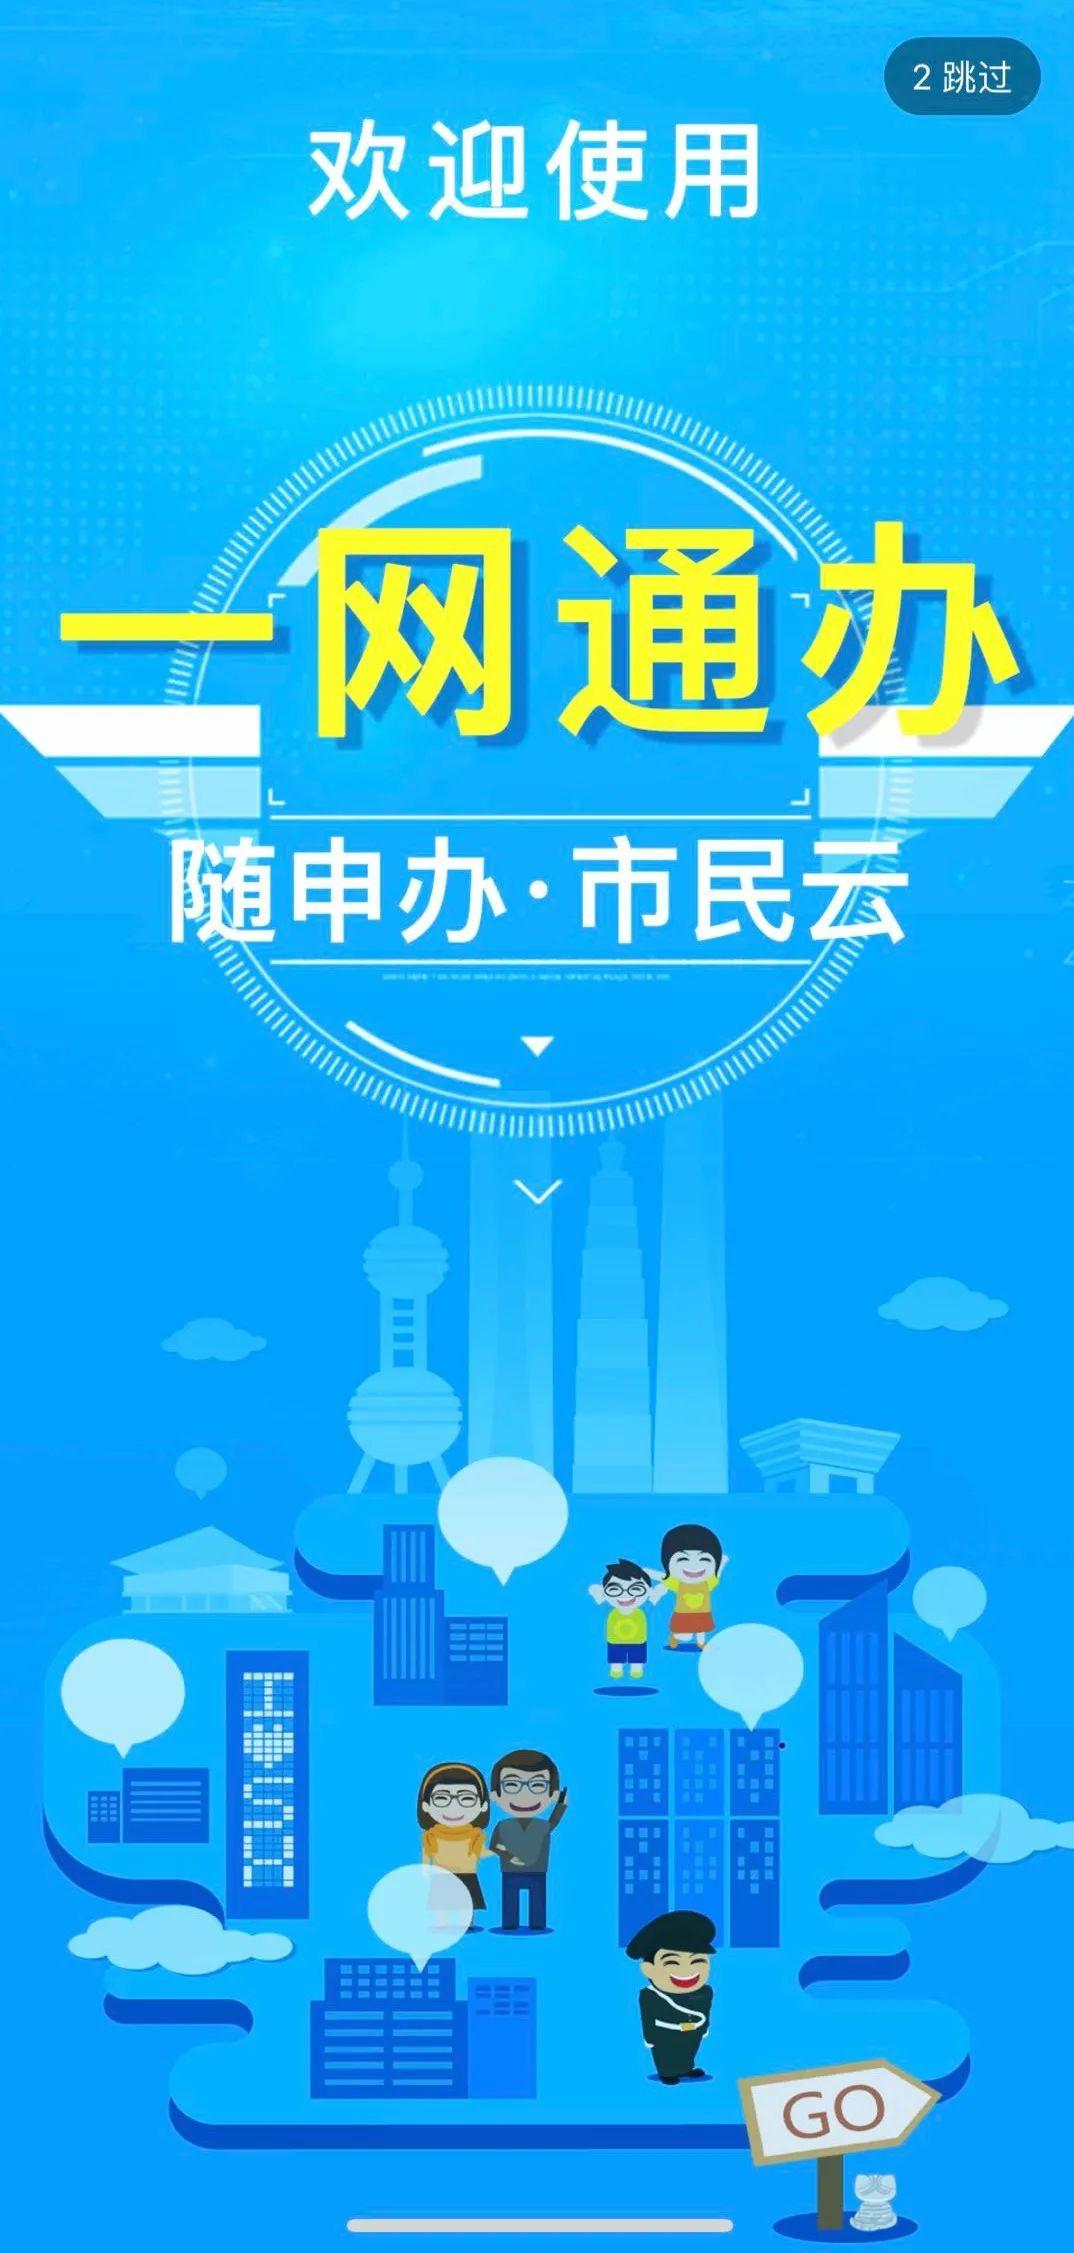 【快猫网址联盟网】_9月30日起沪苏浙皖互认电子驾照